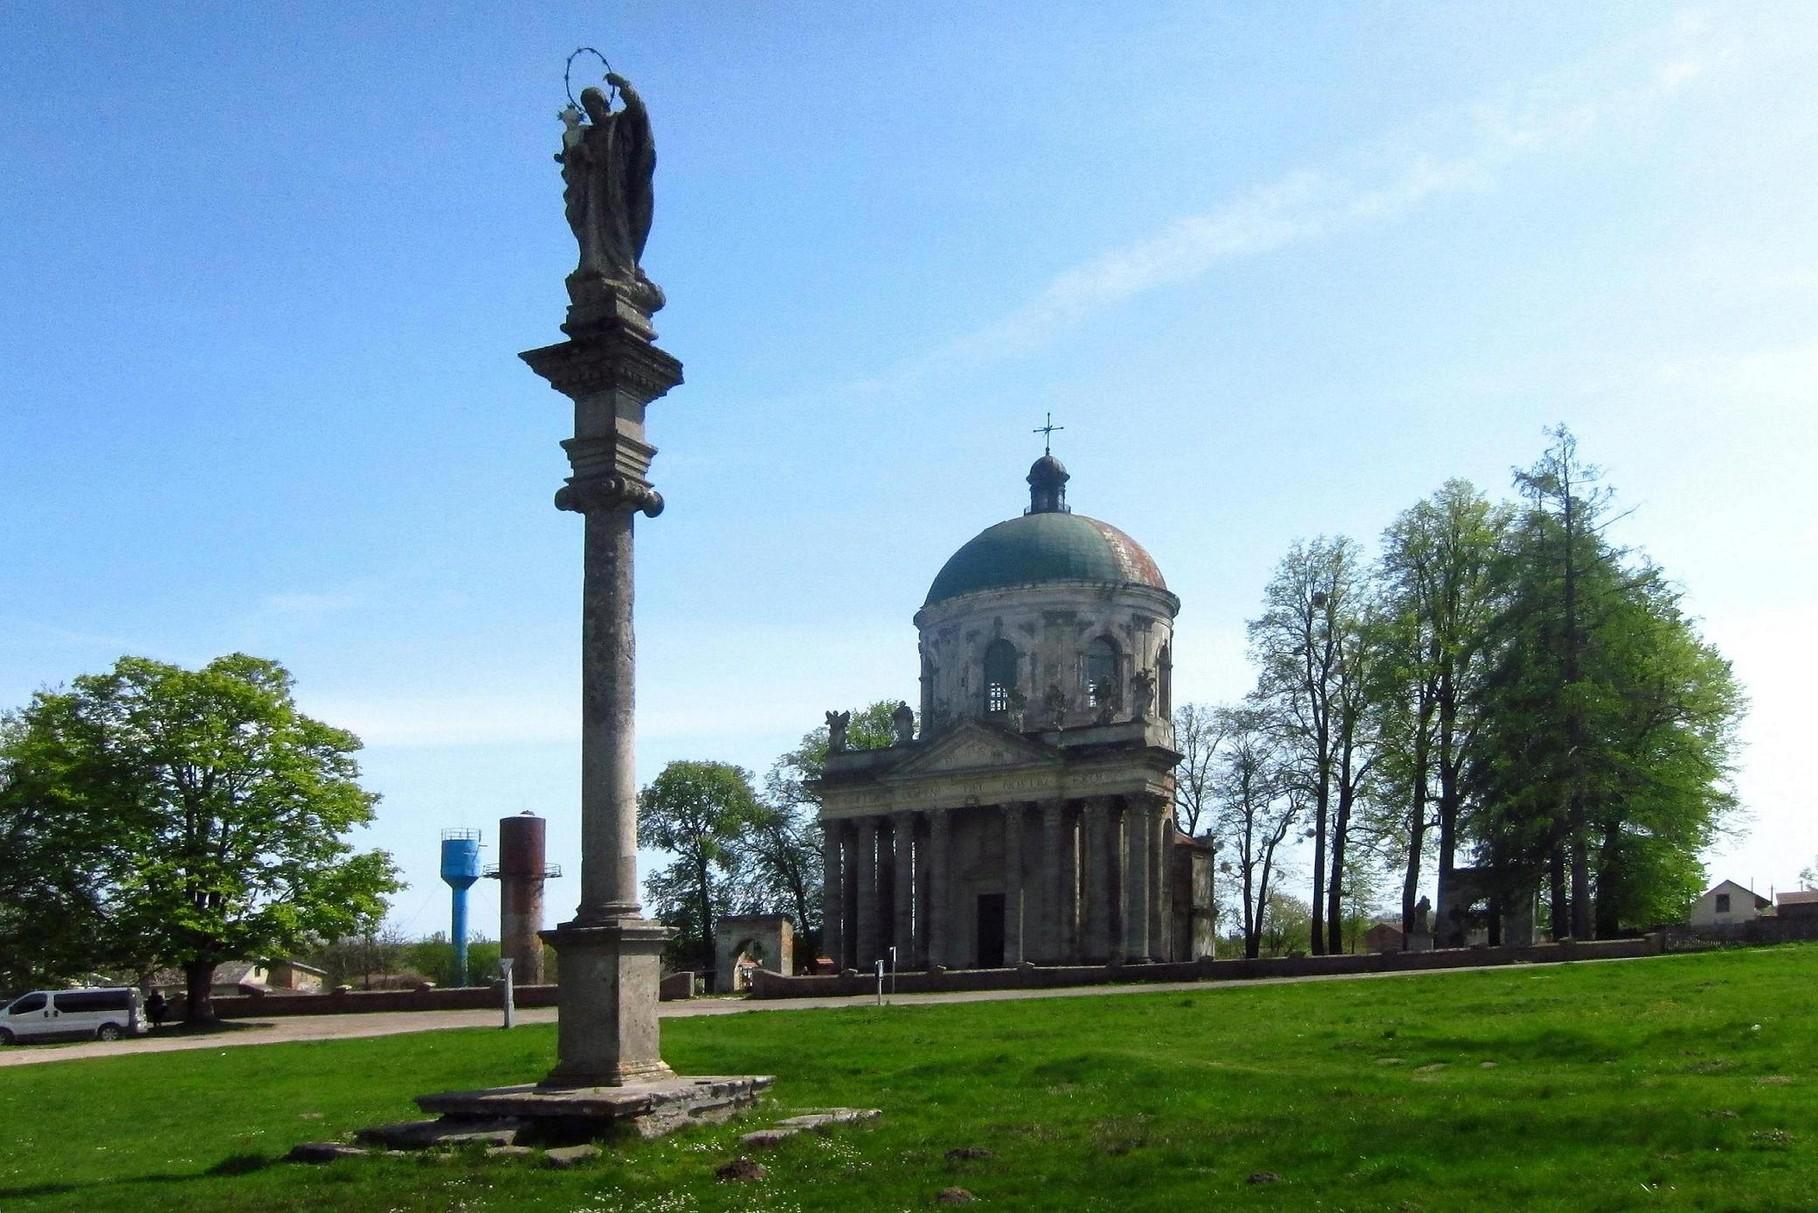 Костел св. Йосипа. Коринфська колонна з фігурою св. Йосипа.